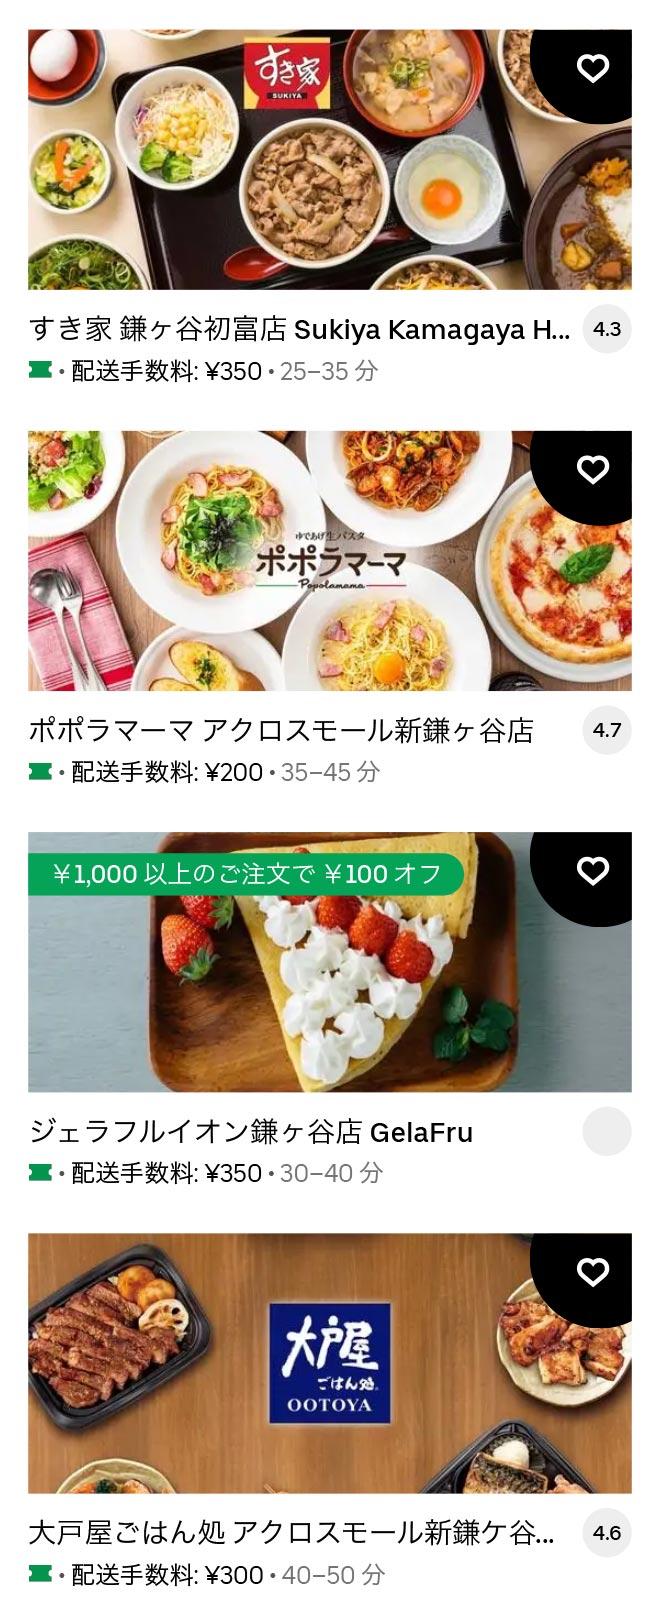 U shirai 2104 05